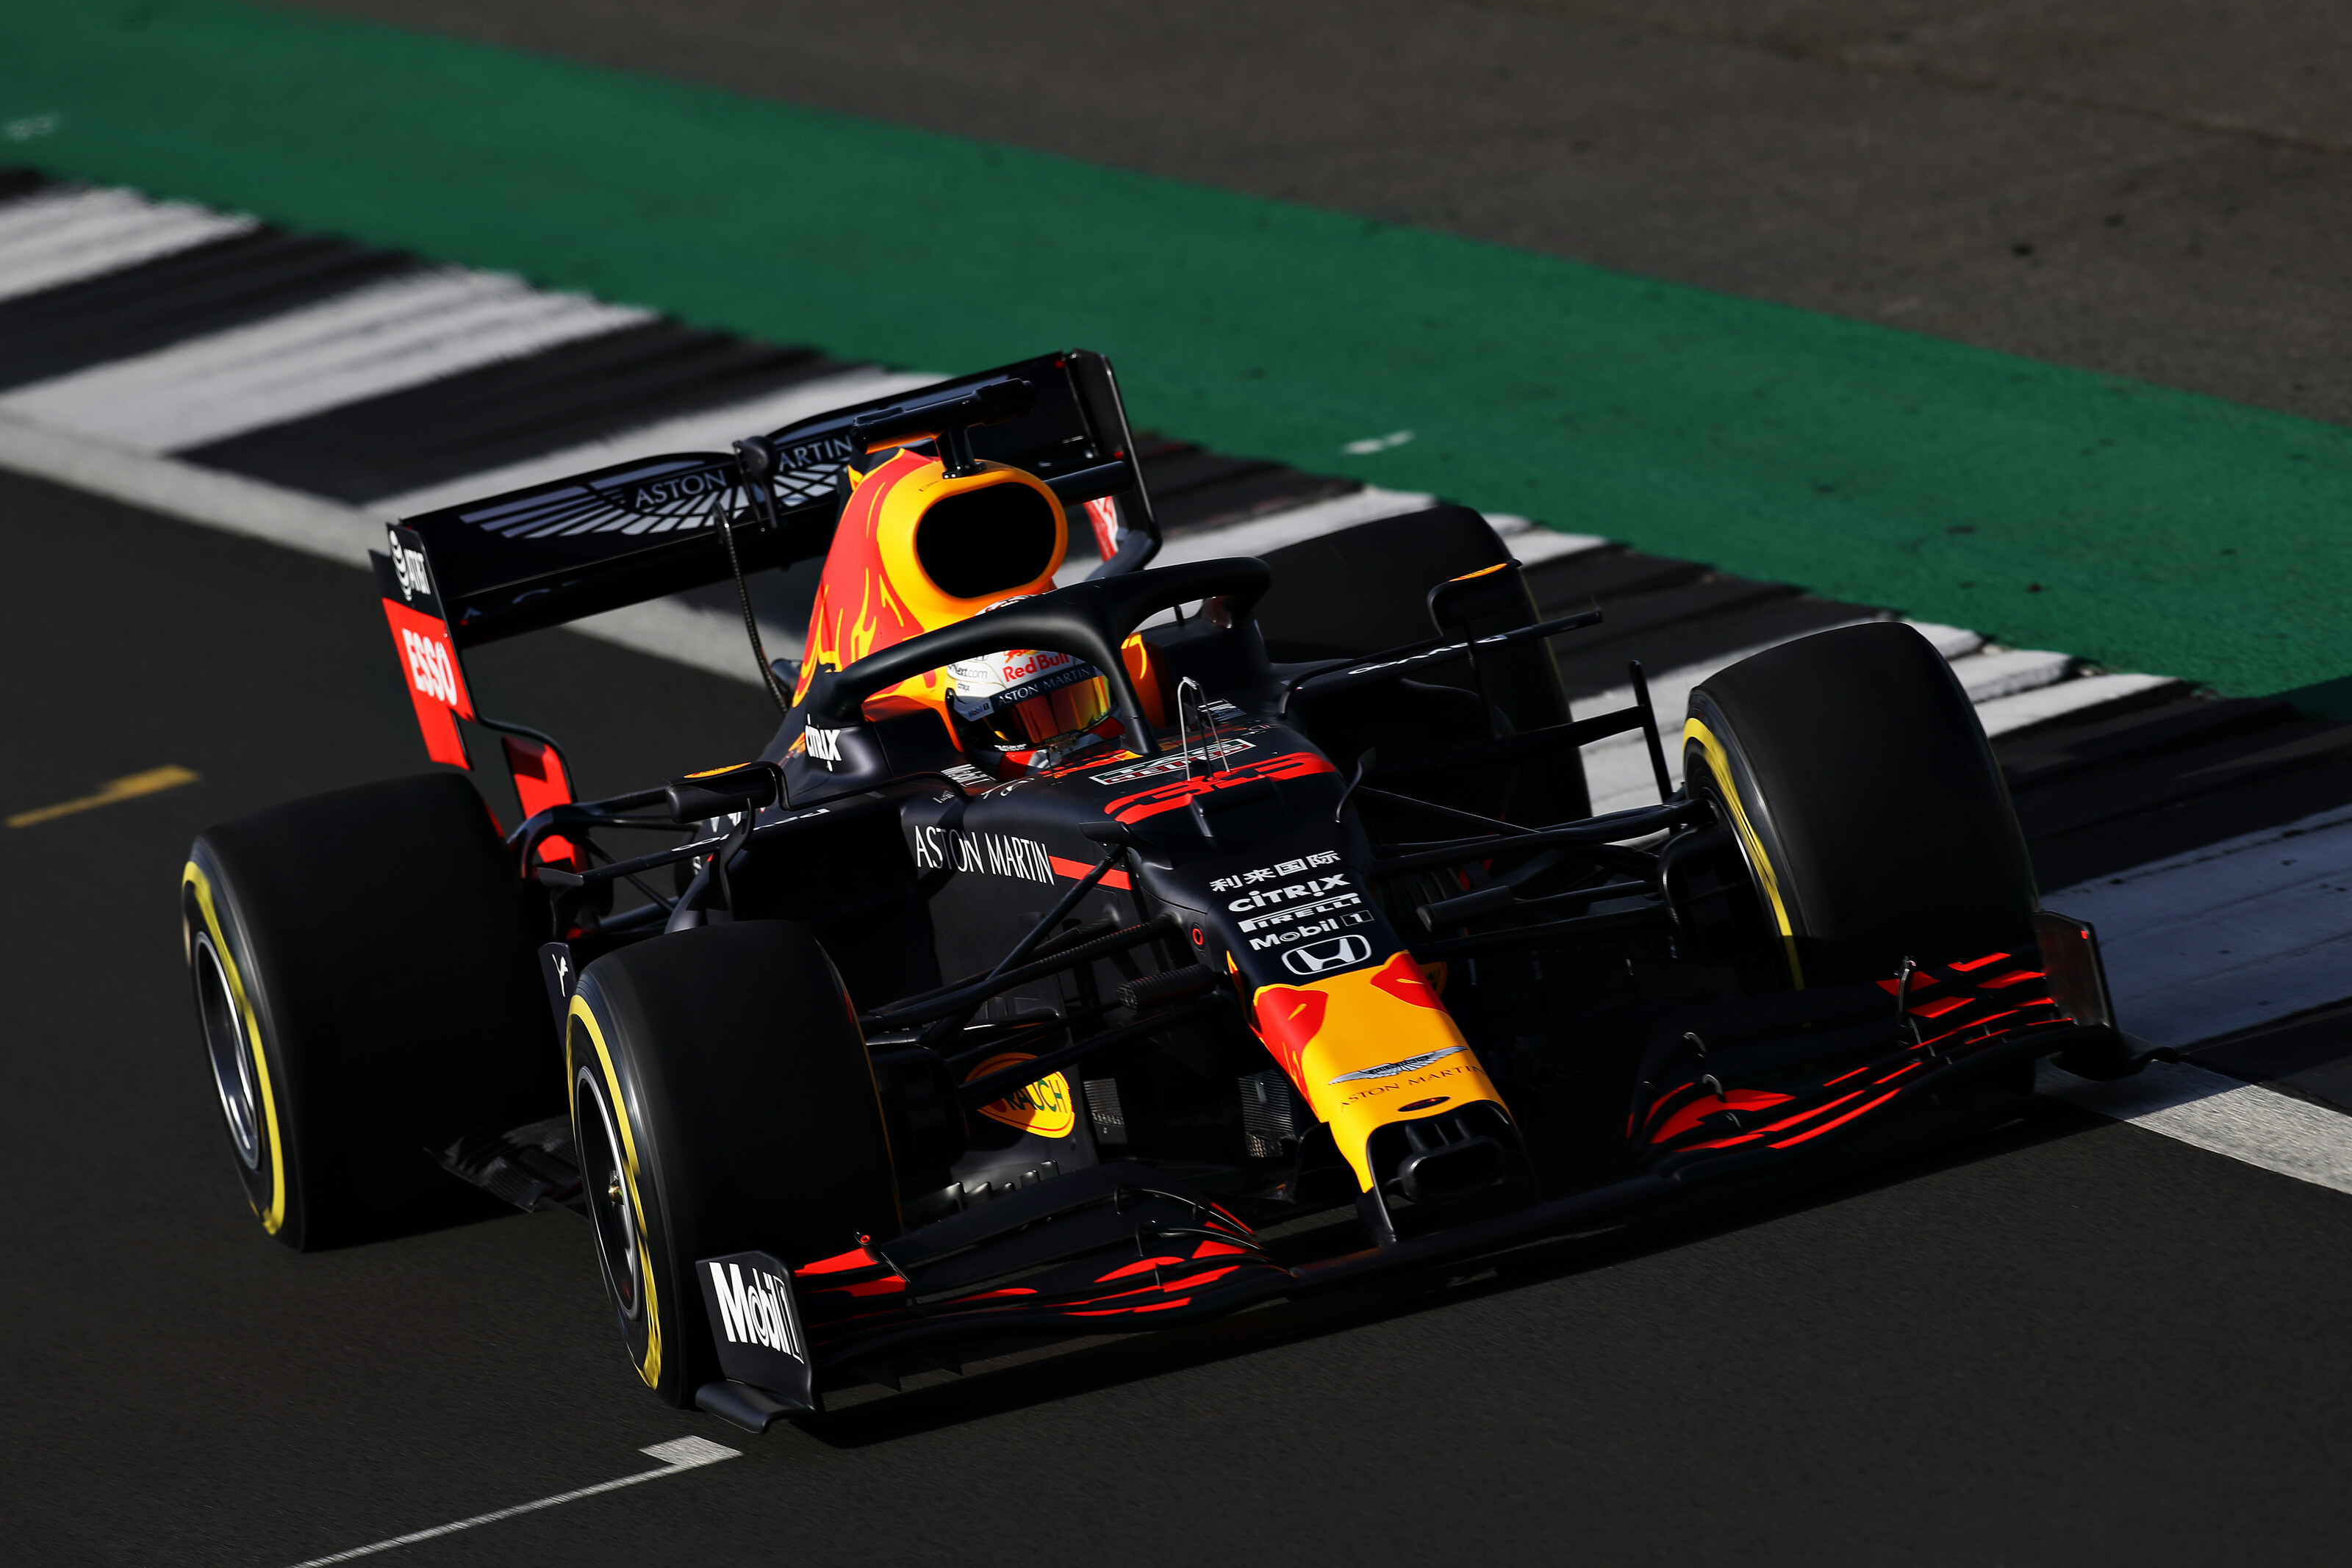 F1: Verstappenék is tesztelnek az Osztrák Nagydíj előtt